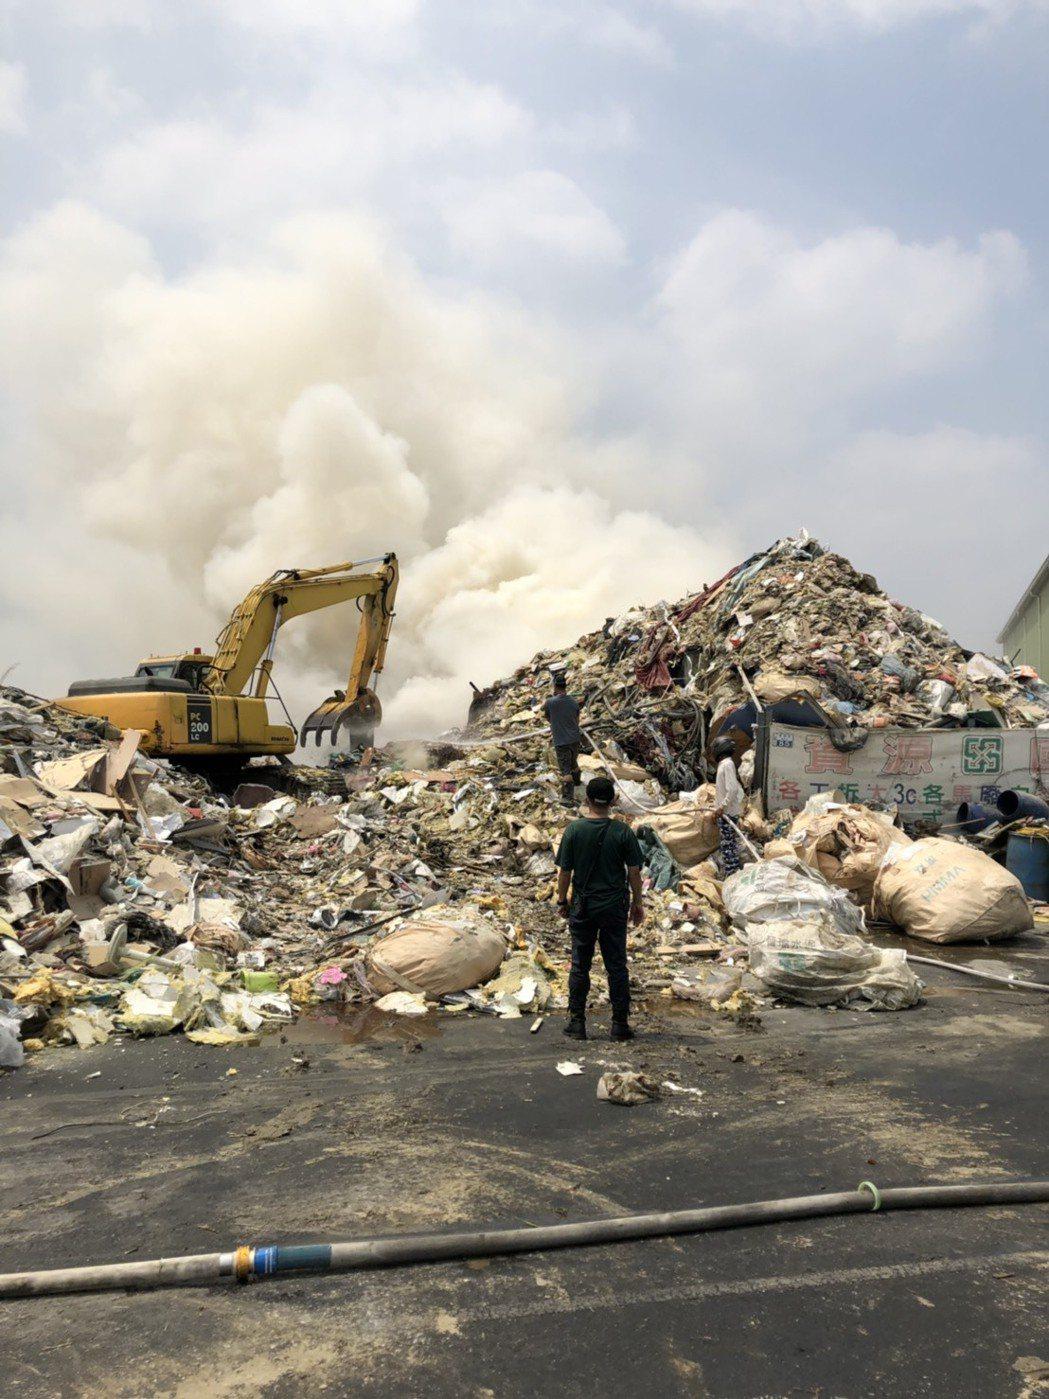 台南市仁德區大發興環保公司今天火災,影響空氣品質被重罰。圖/台南市環保局提供